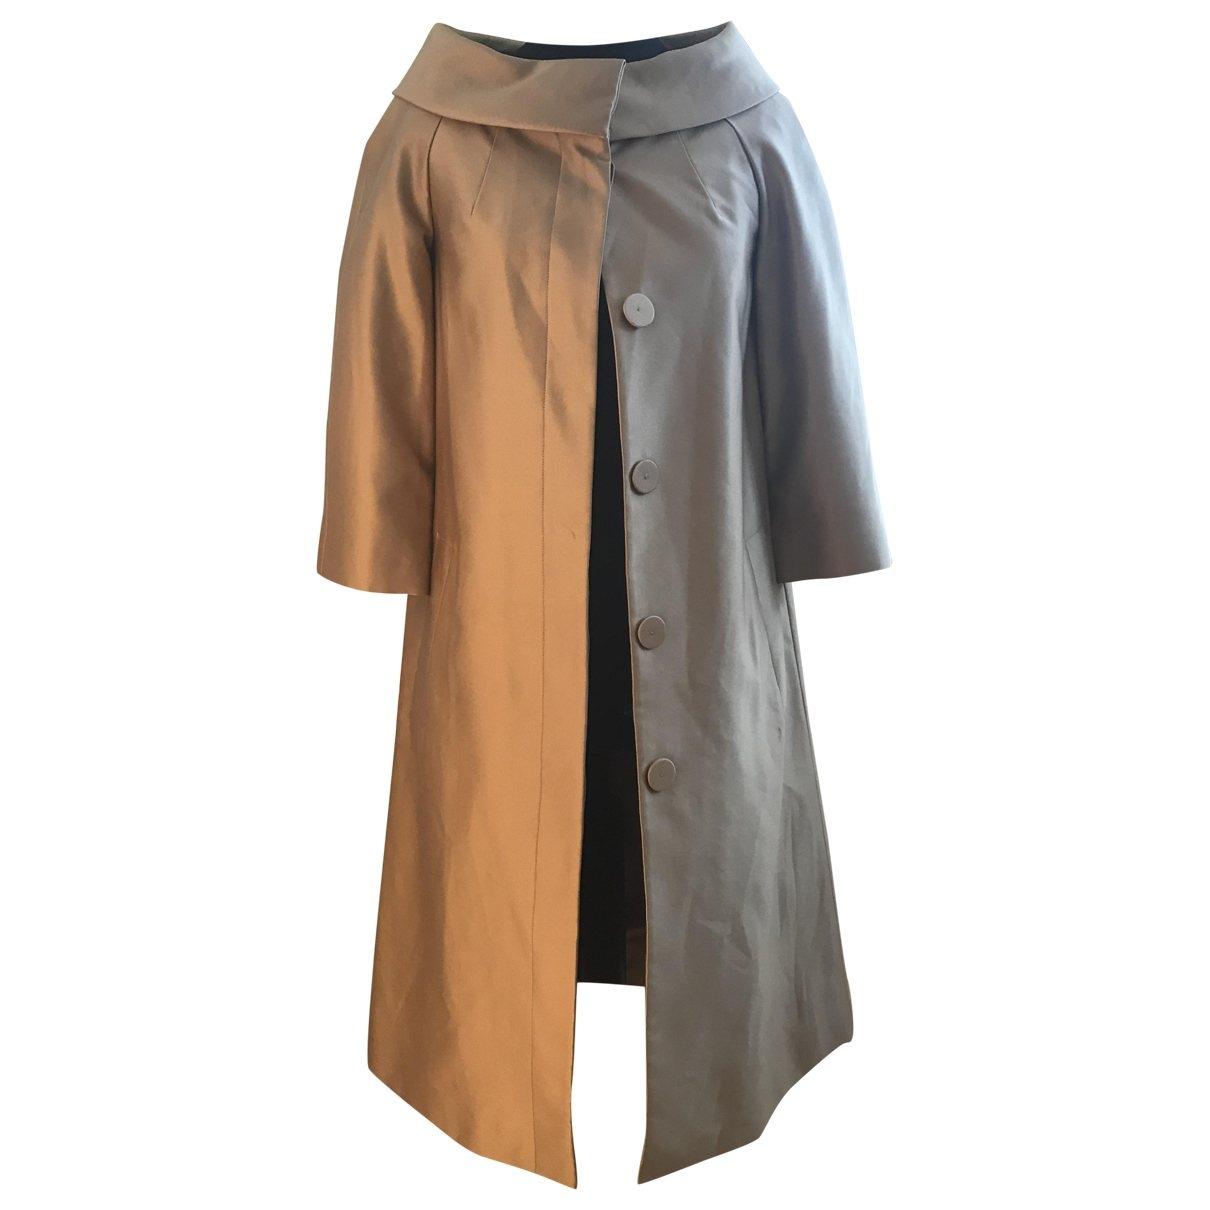 Lk Bennett - Manteau   pour femme en soie - dore